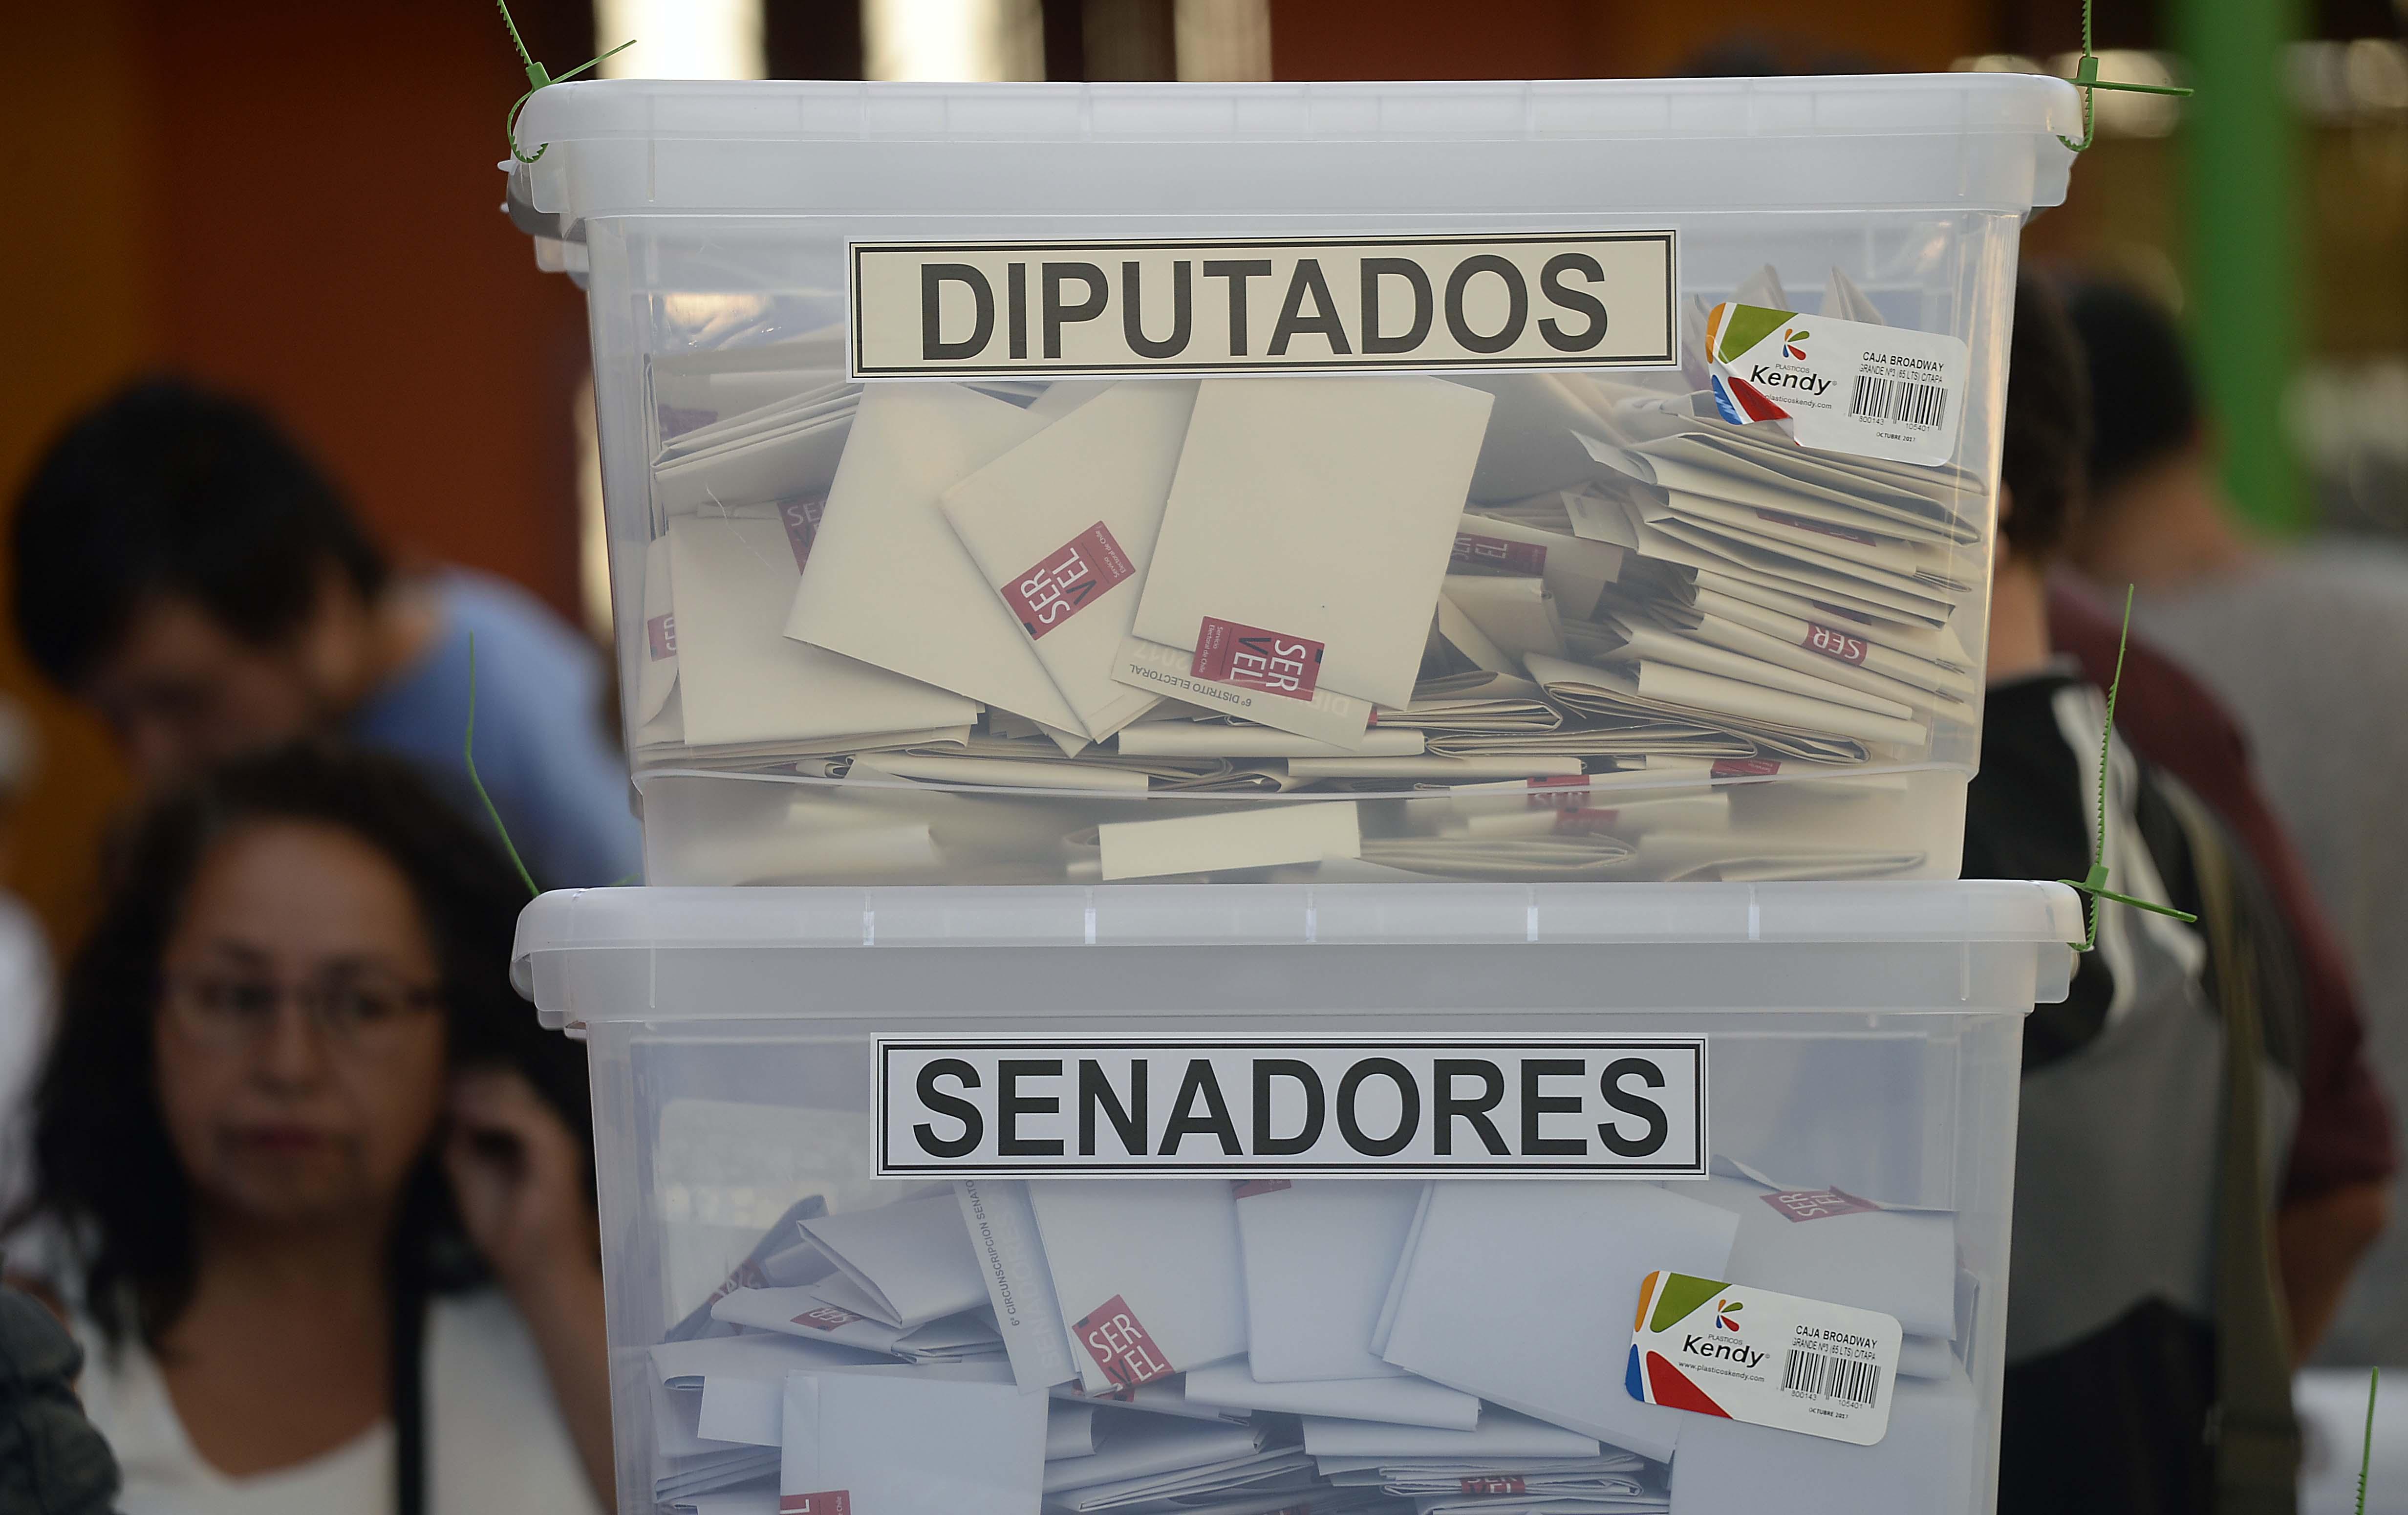 33 candidatos fueron electos con menos votos que su competencia